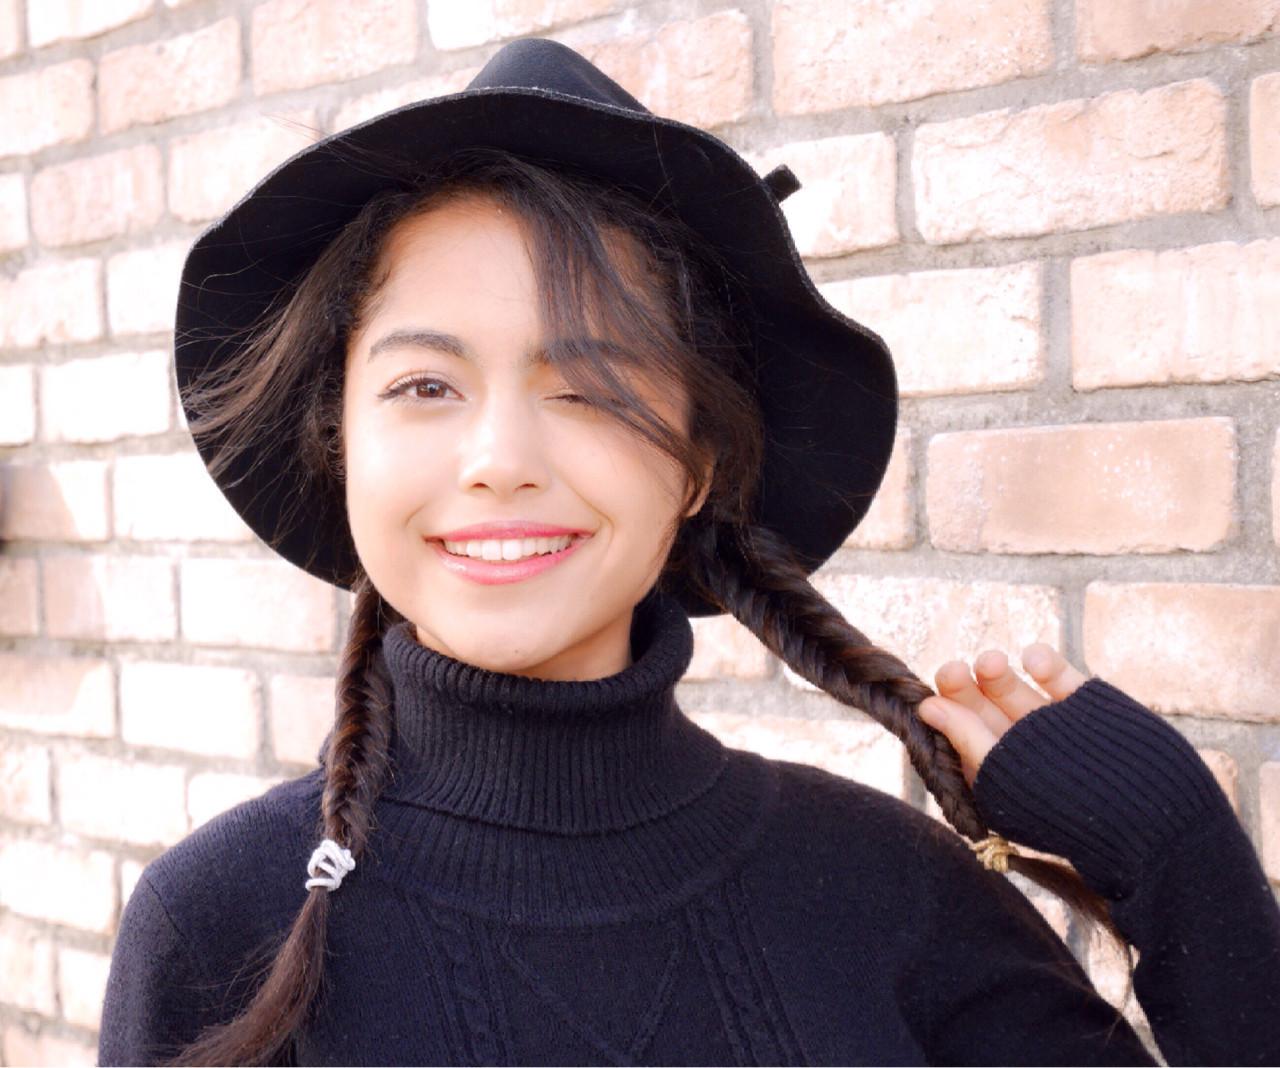 ショート ロング 外国人風 簡単ヘアアレンジ ヘアスタイルや髪型の写真・画像 | 山田 真由 / merkmal